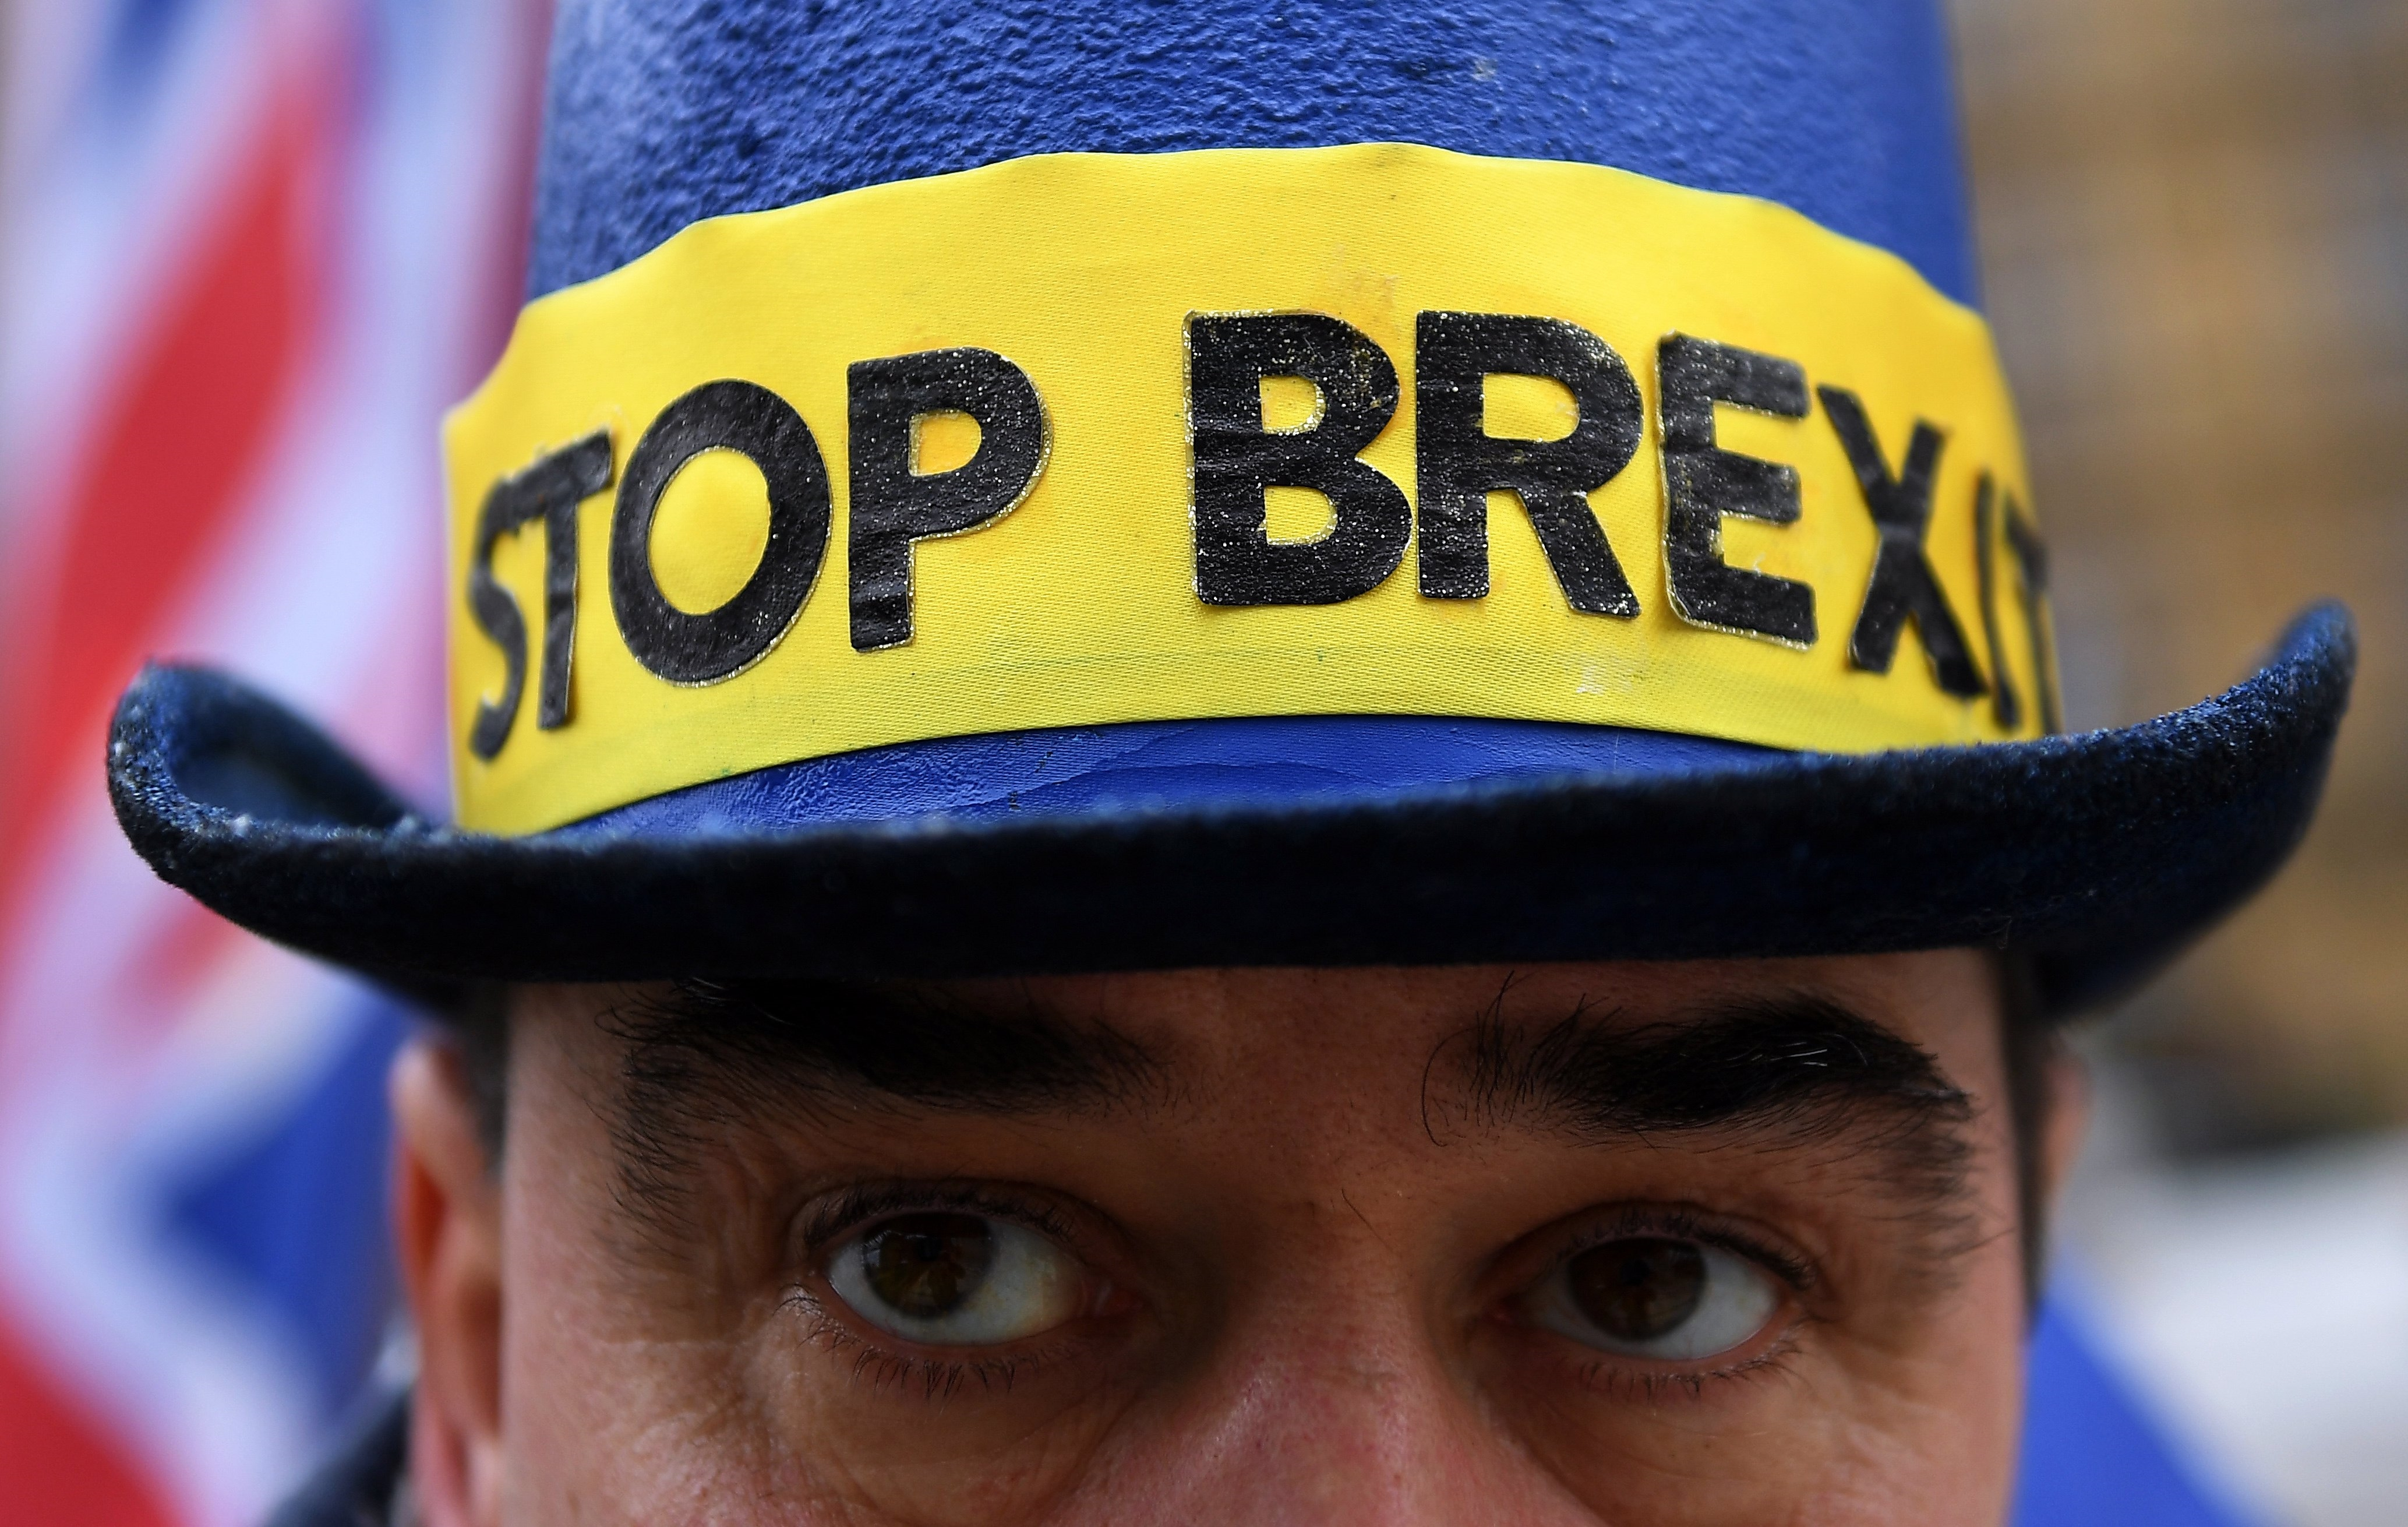 Desemprego no Reino Unido tem avanço inesperado